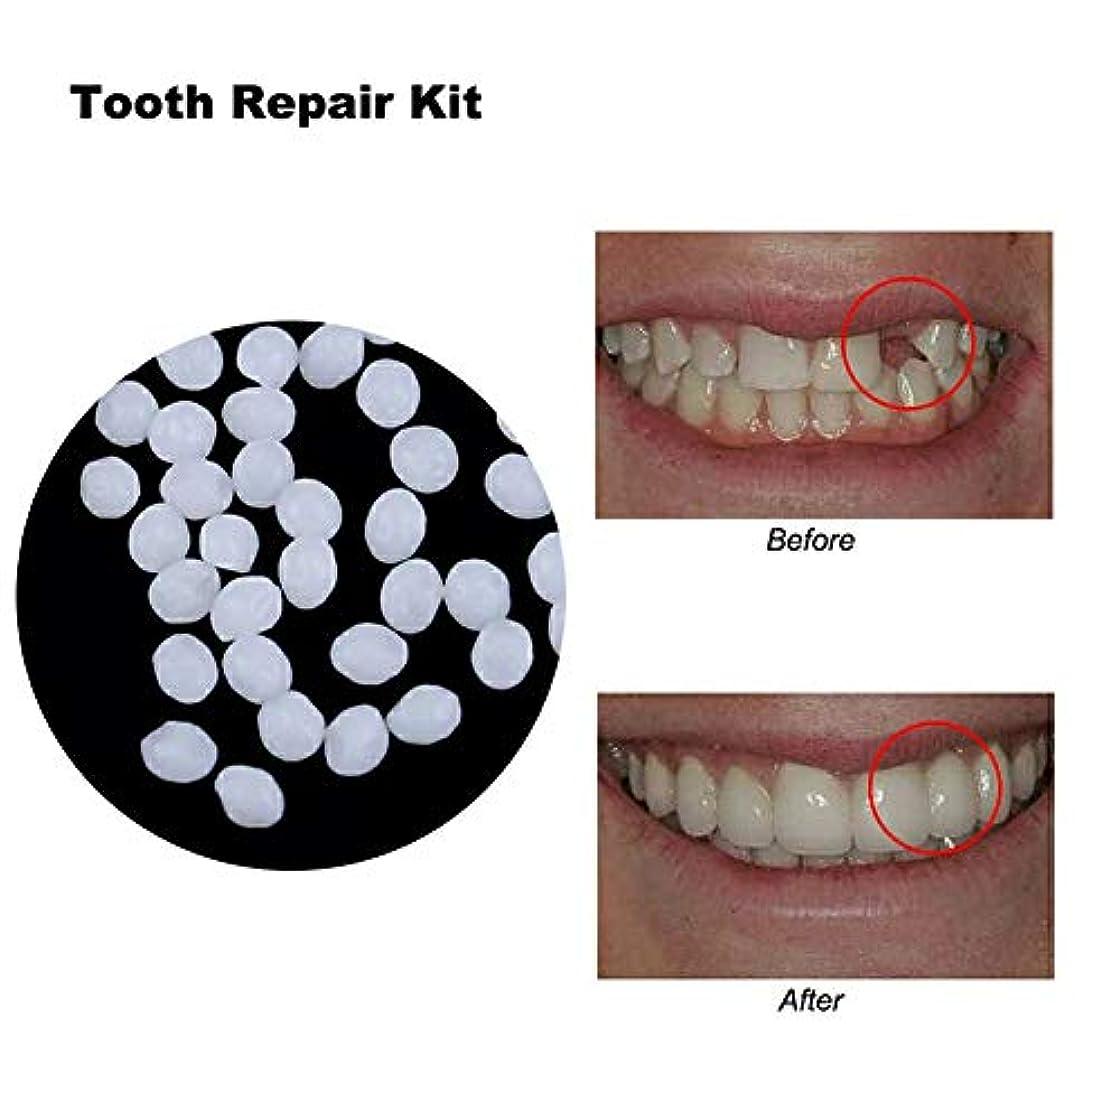 打ち負かす対応場所偽歯固体接着剤、樹脂の歯とギャップのための一時的な化粧品の歯の修復キットクリエイティブ義歯接着剤,20ml20g